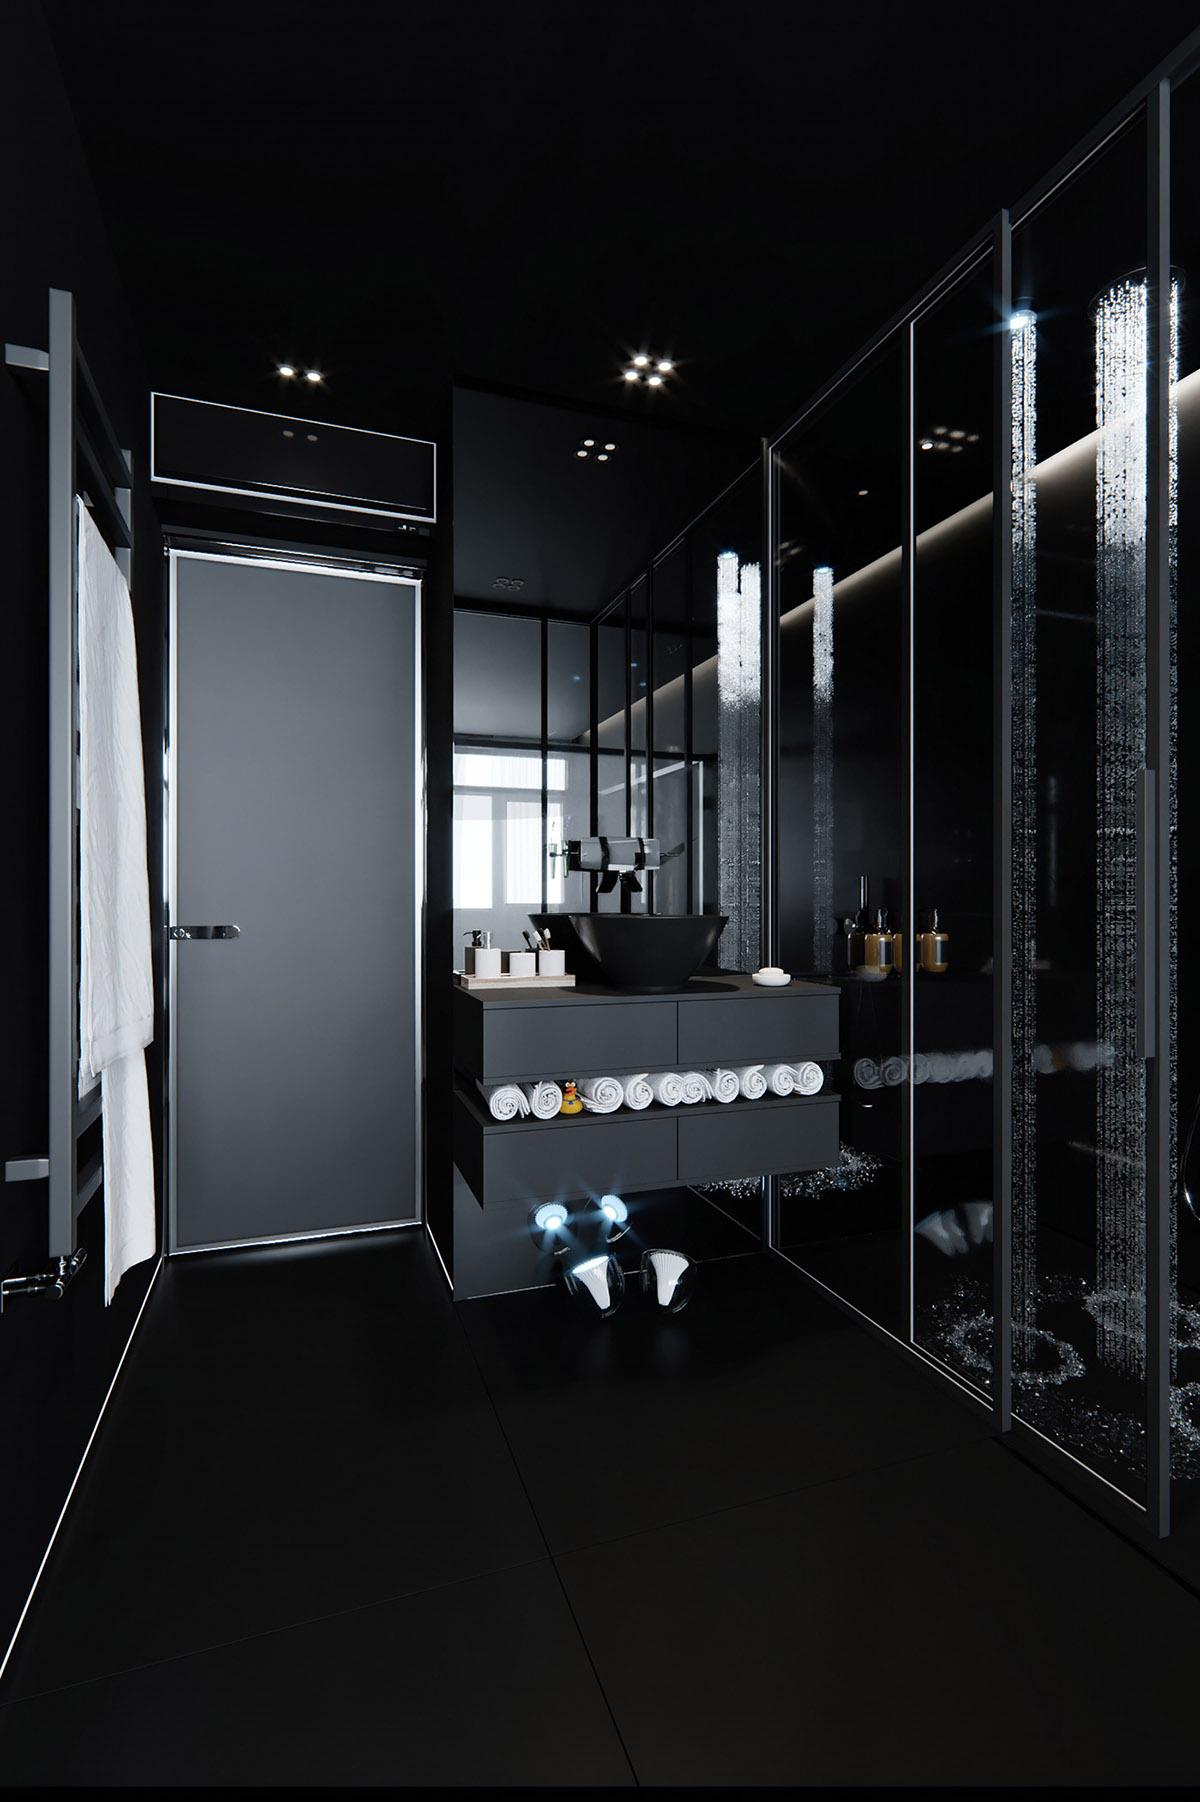 Sử Dụng Tông Màu Tối Để Làm Nổi Bật Căn Phòng Thêm Phần Sang Trọng - modern bathroom vanity 2